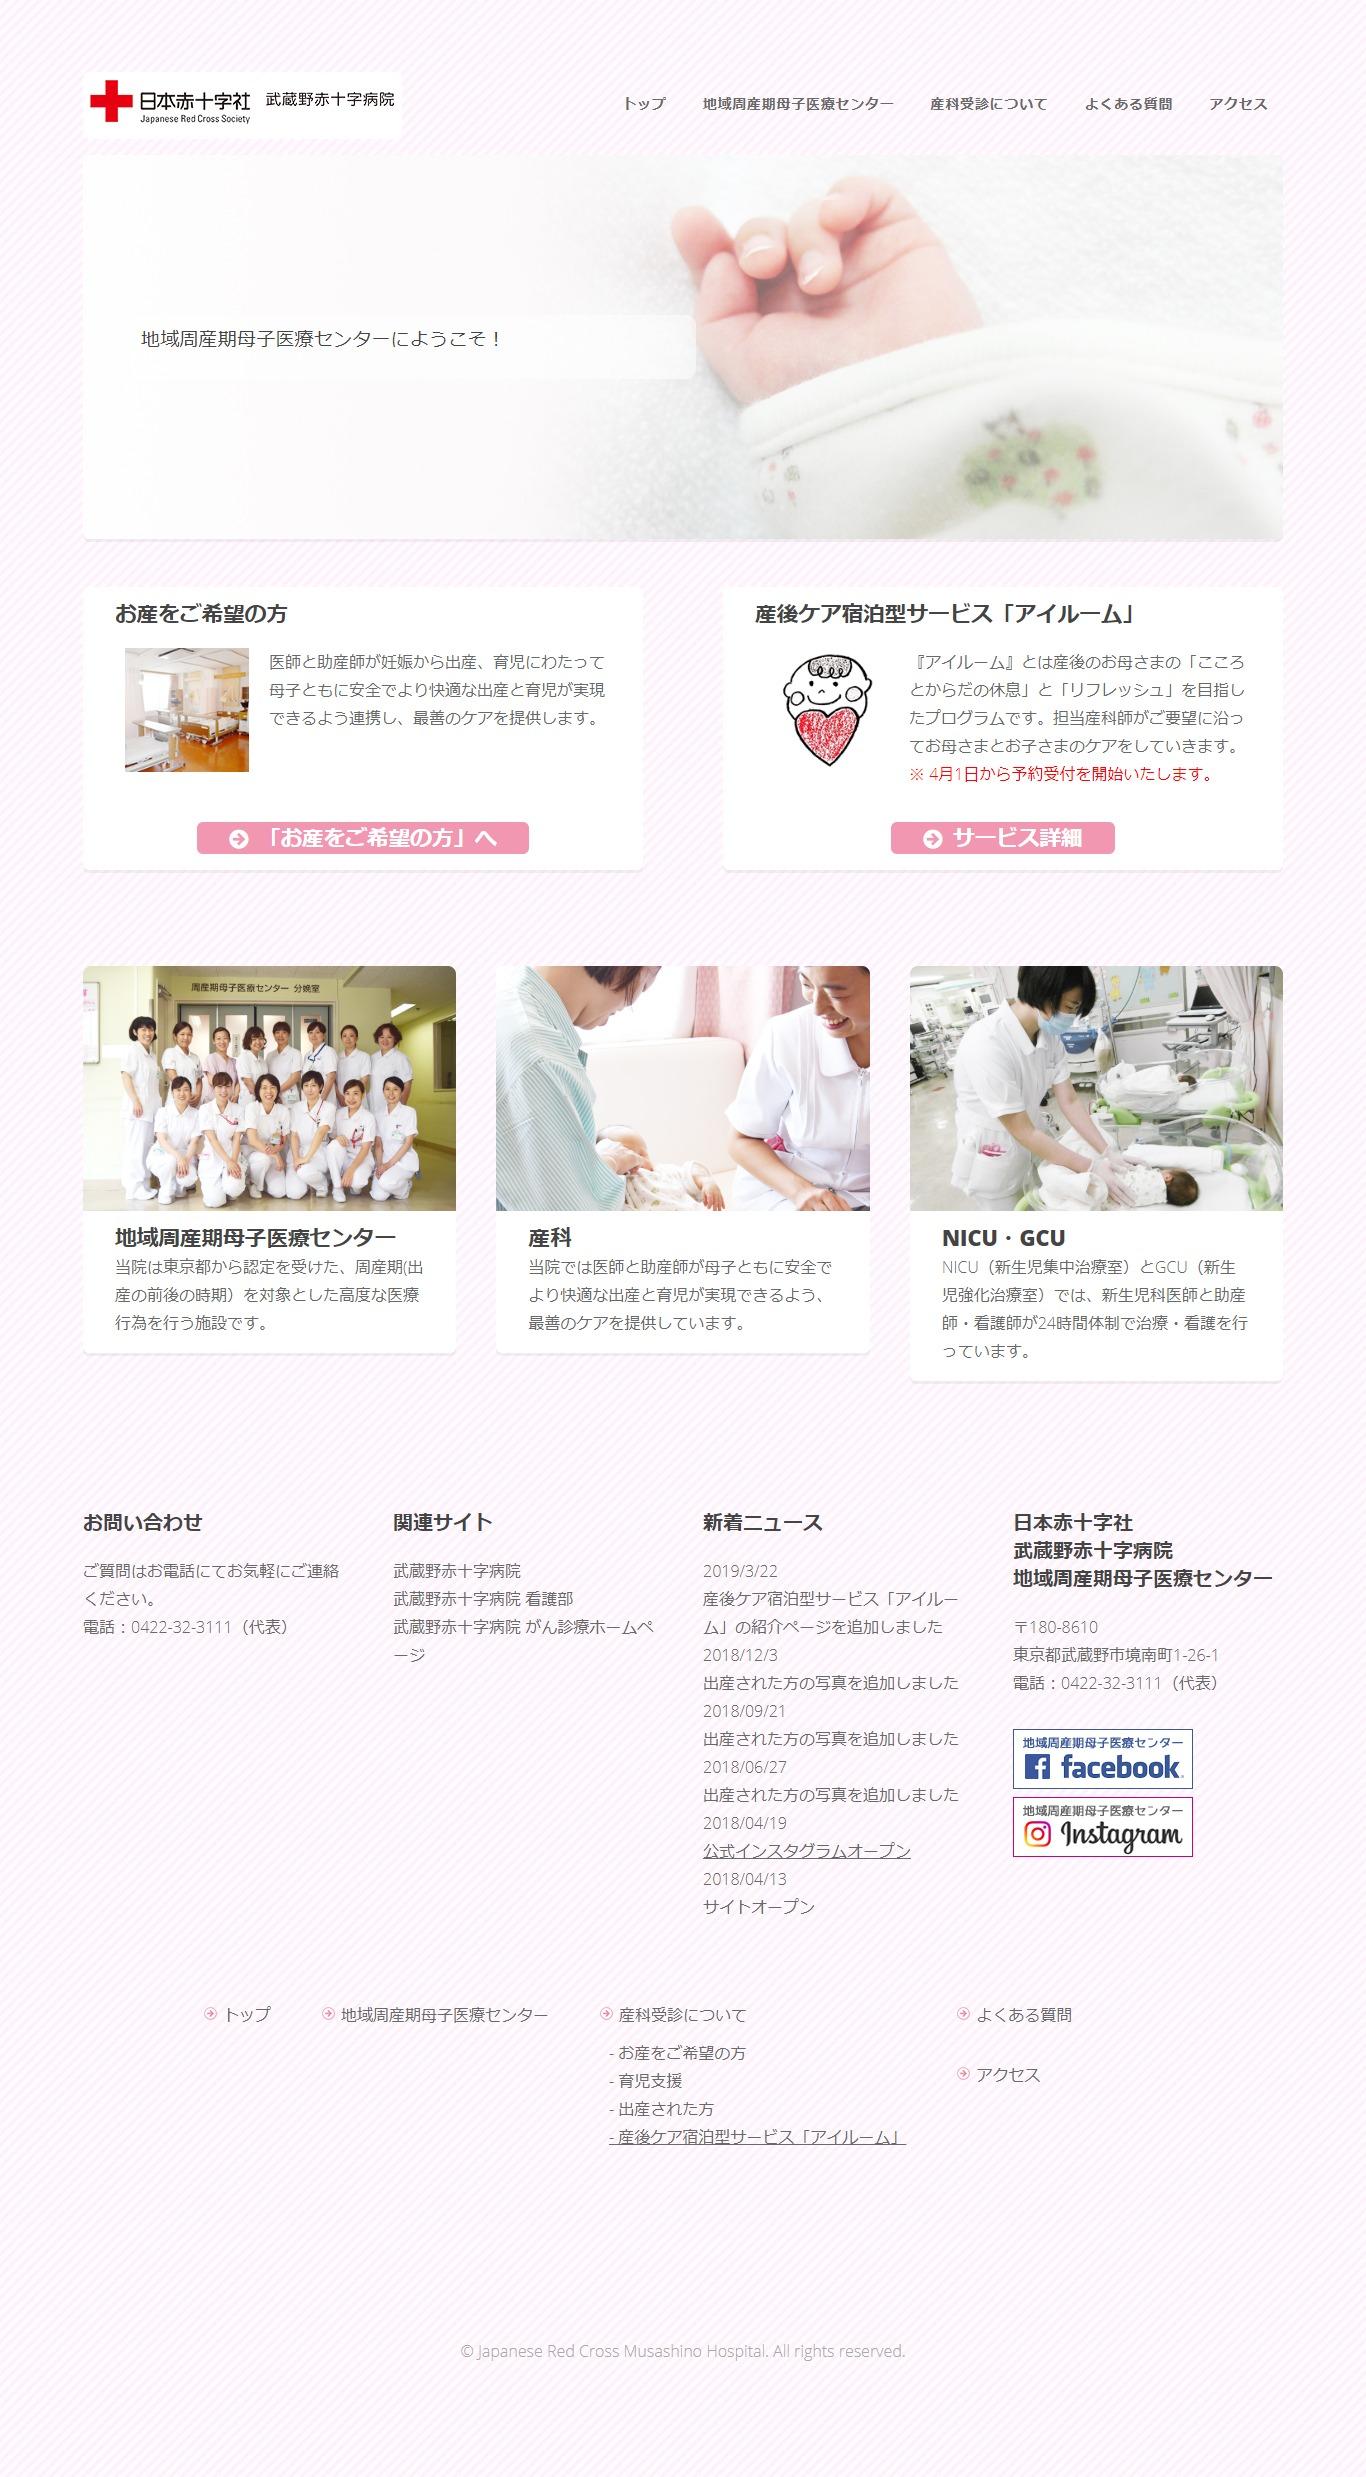 2018年4月作成「武蔵野赤十字病院」周産期医療センターサイト